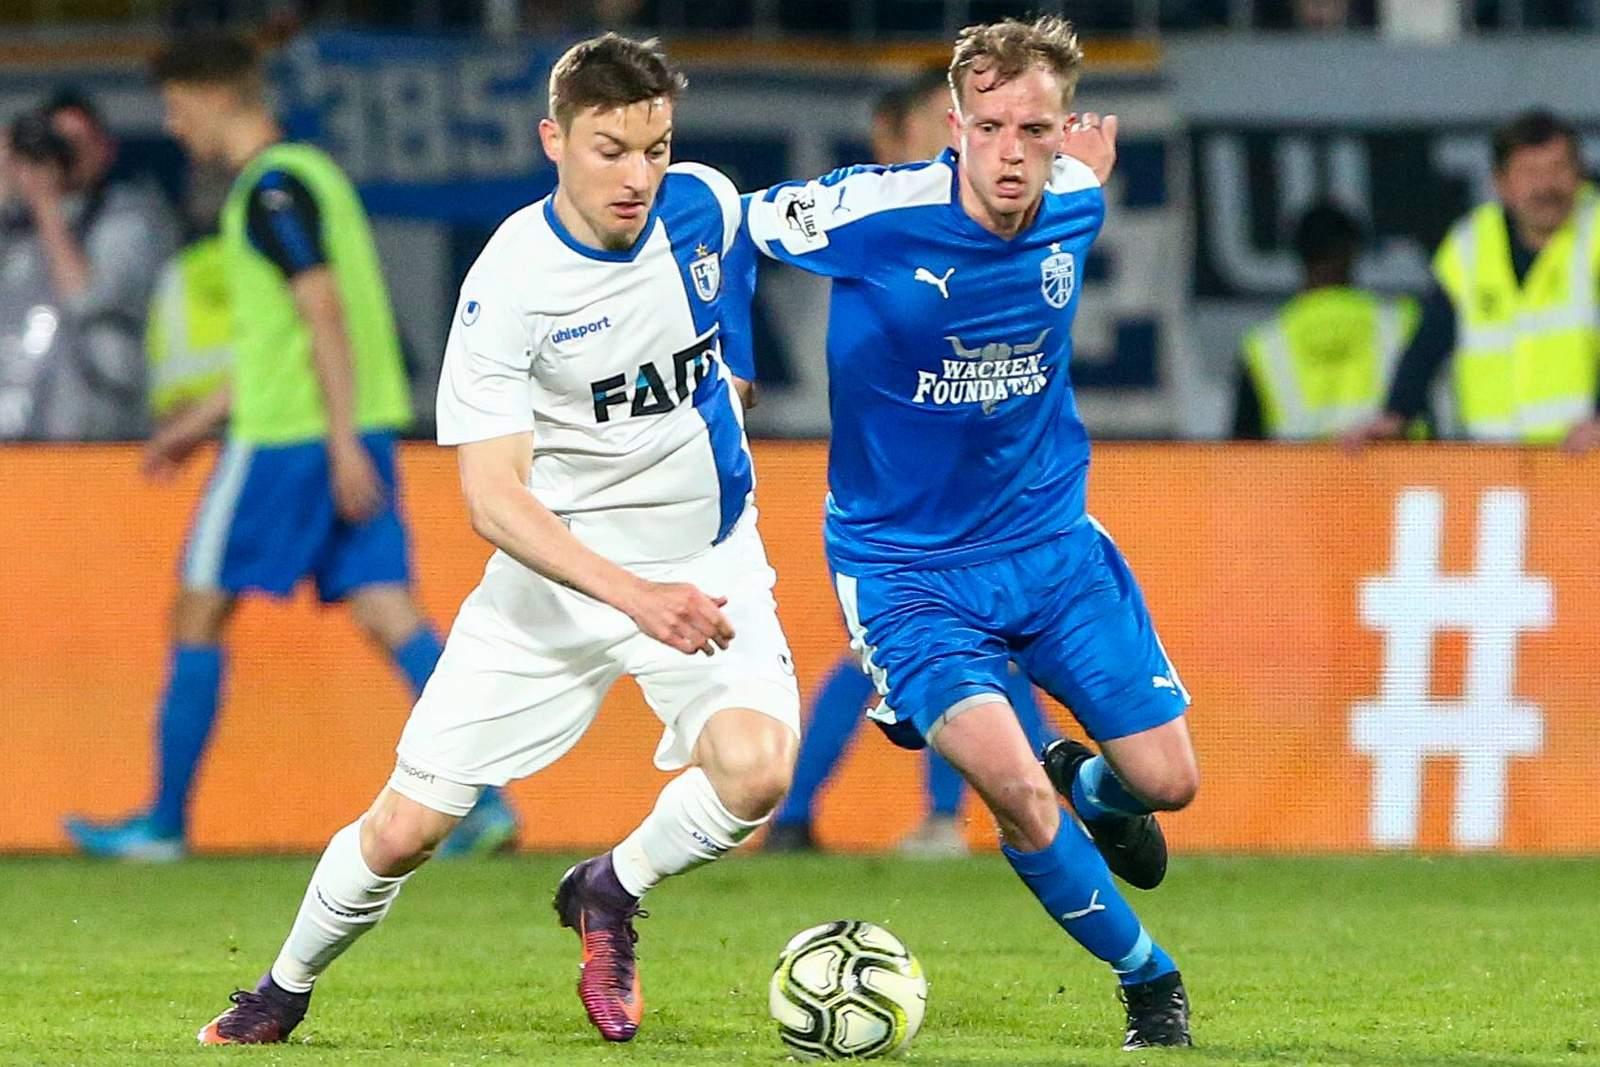 Charles Laprevotte vom 1. FC Magdeburg gegen Rene Eckardt von carl Zeiss jena